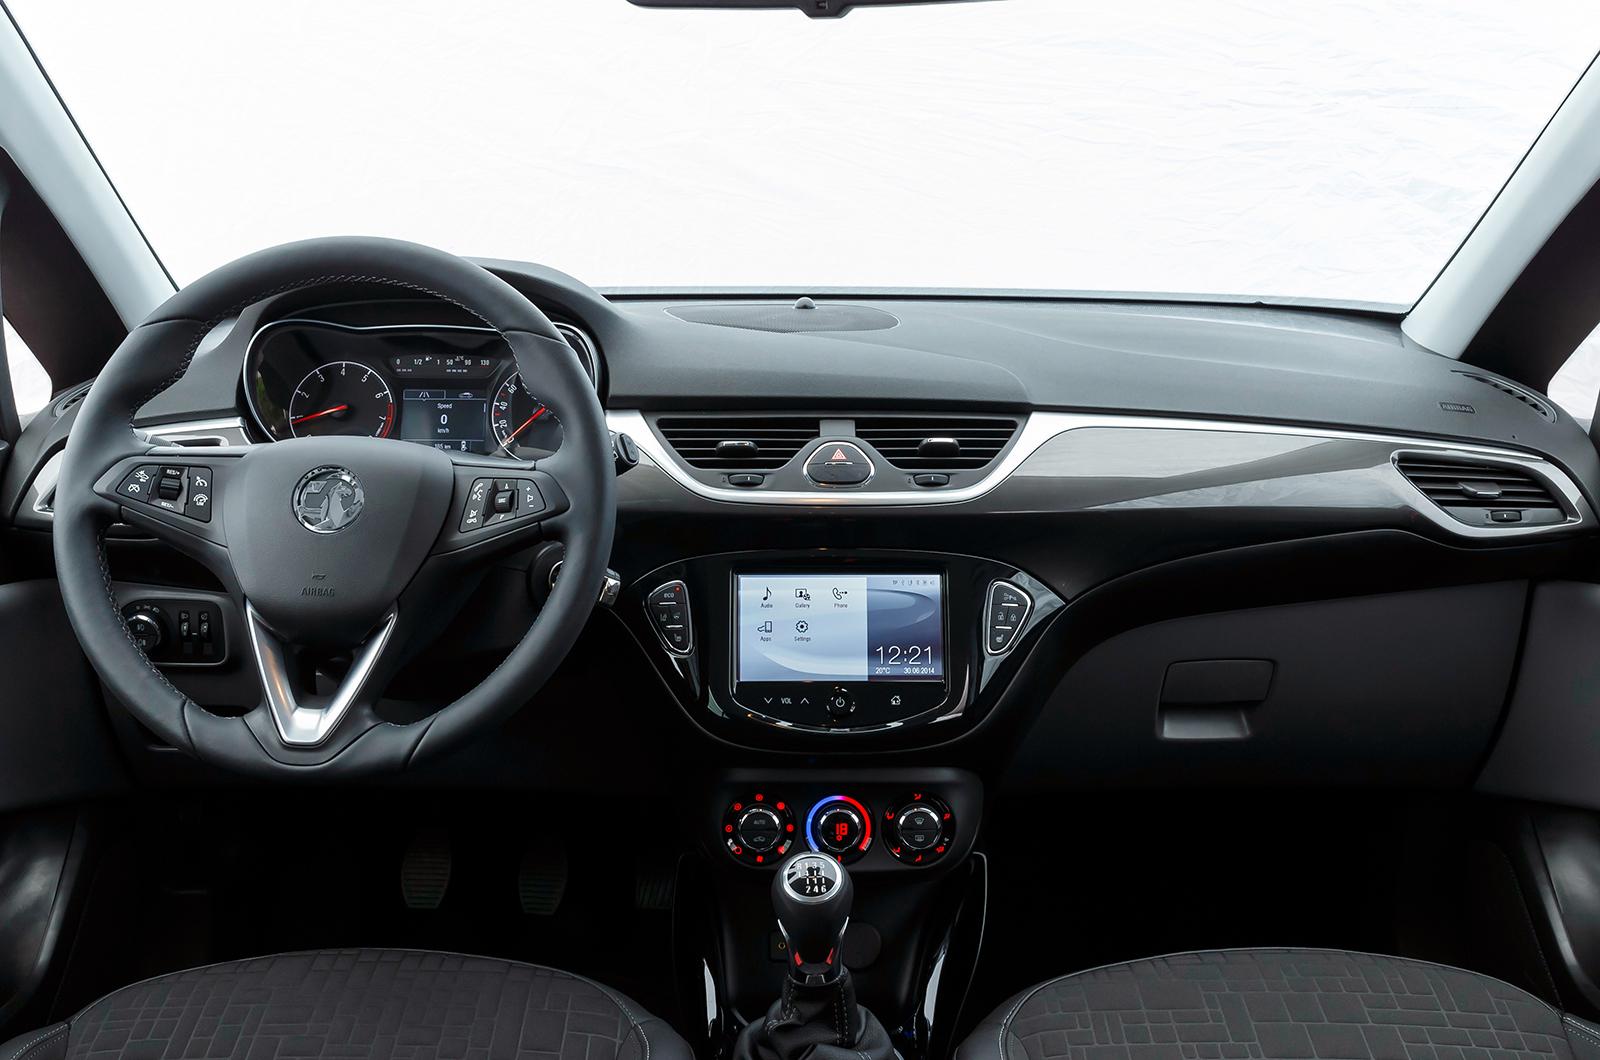 Opel corsa autoforum for Opel corsa e interieur